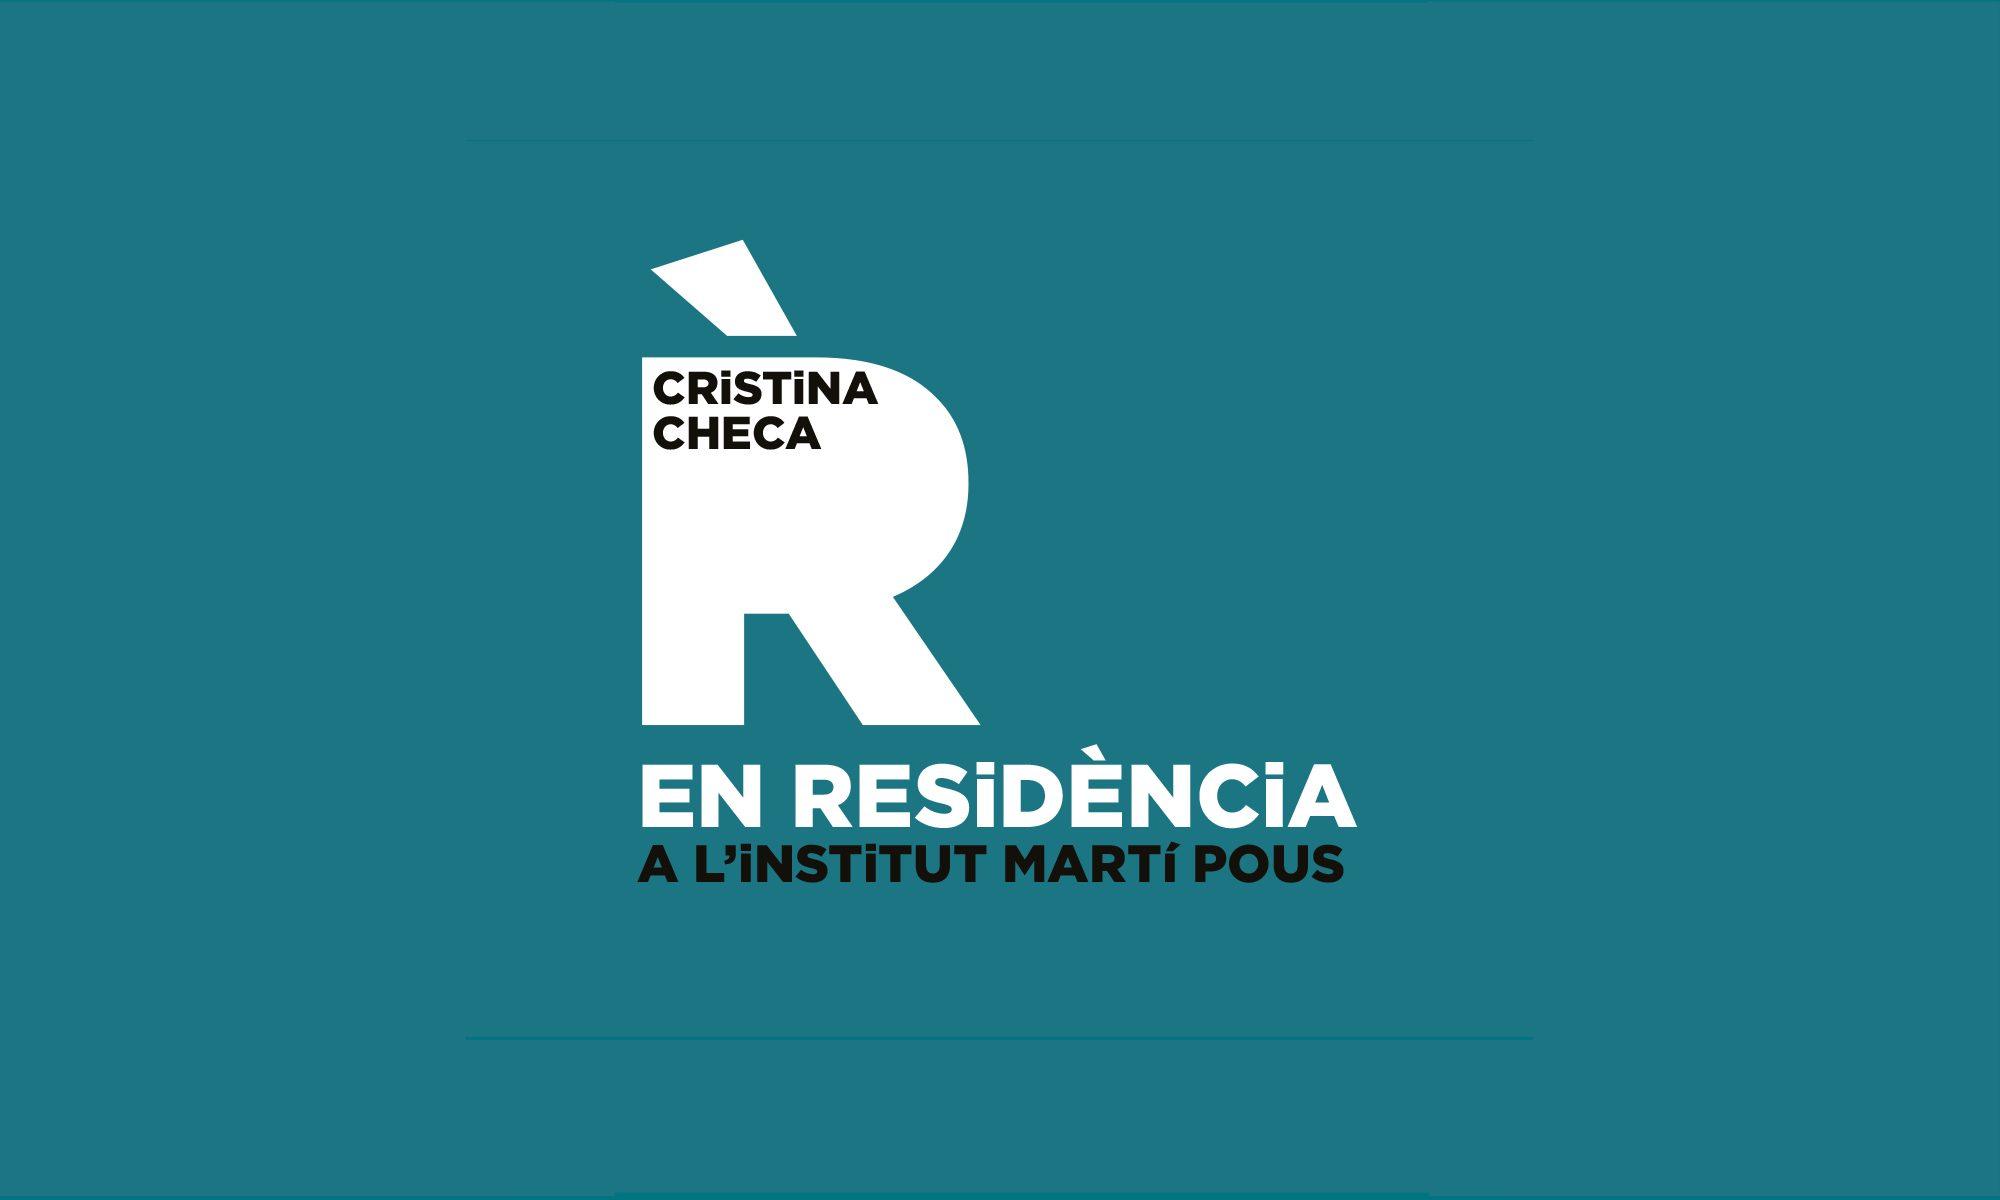 Cristina Checa EN RESiDÈNCiA